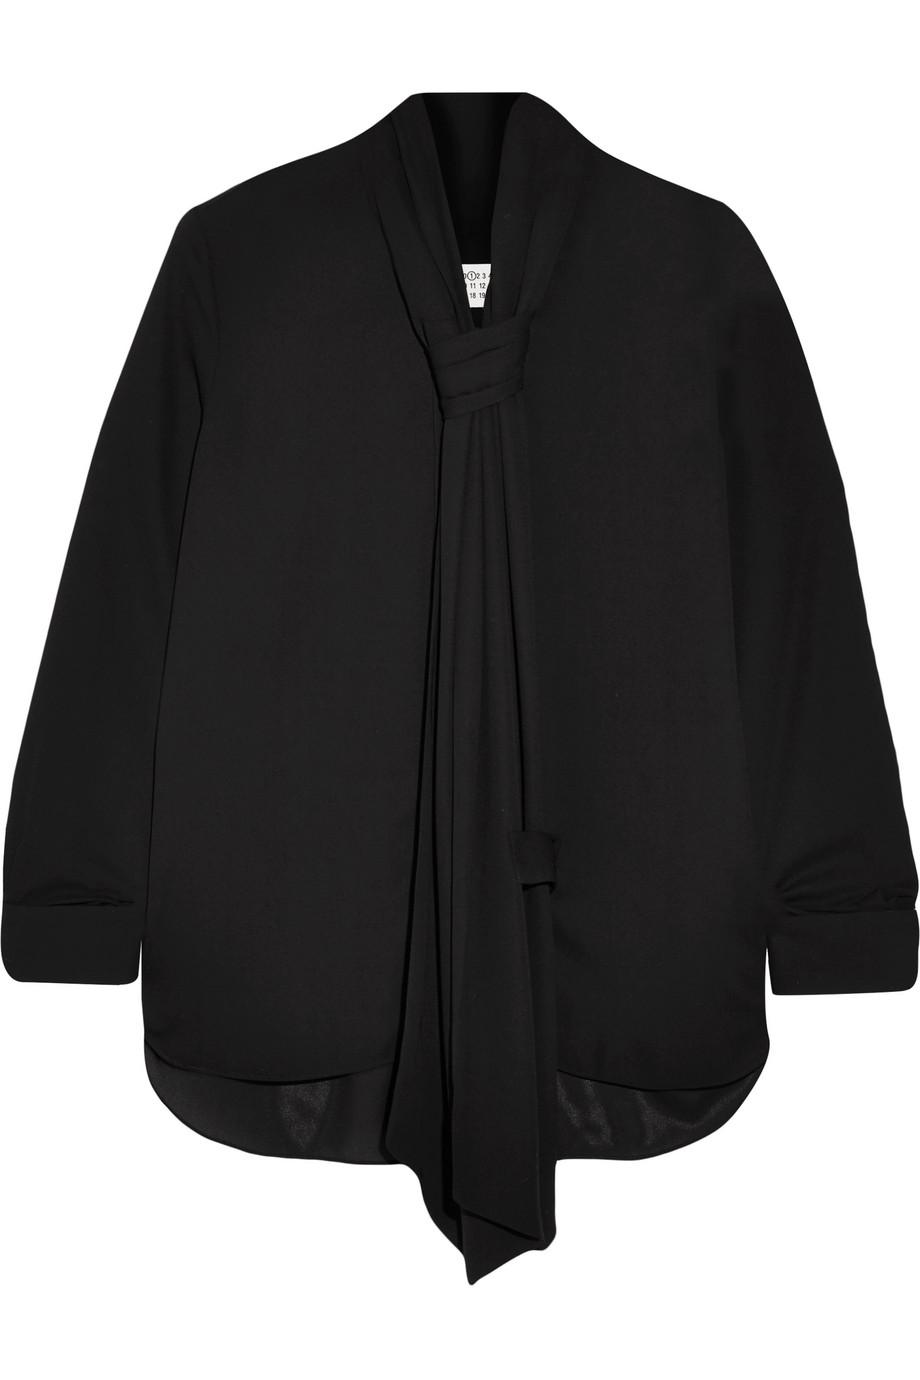 Maison Margiela Pussy-Bow Georgette Blouse, Black, Women's, Size: 44